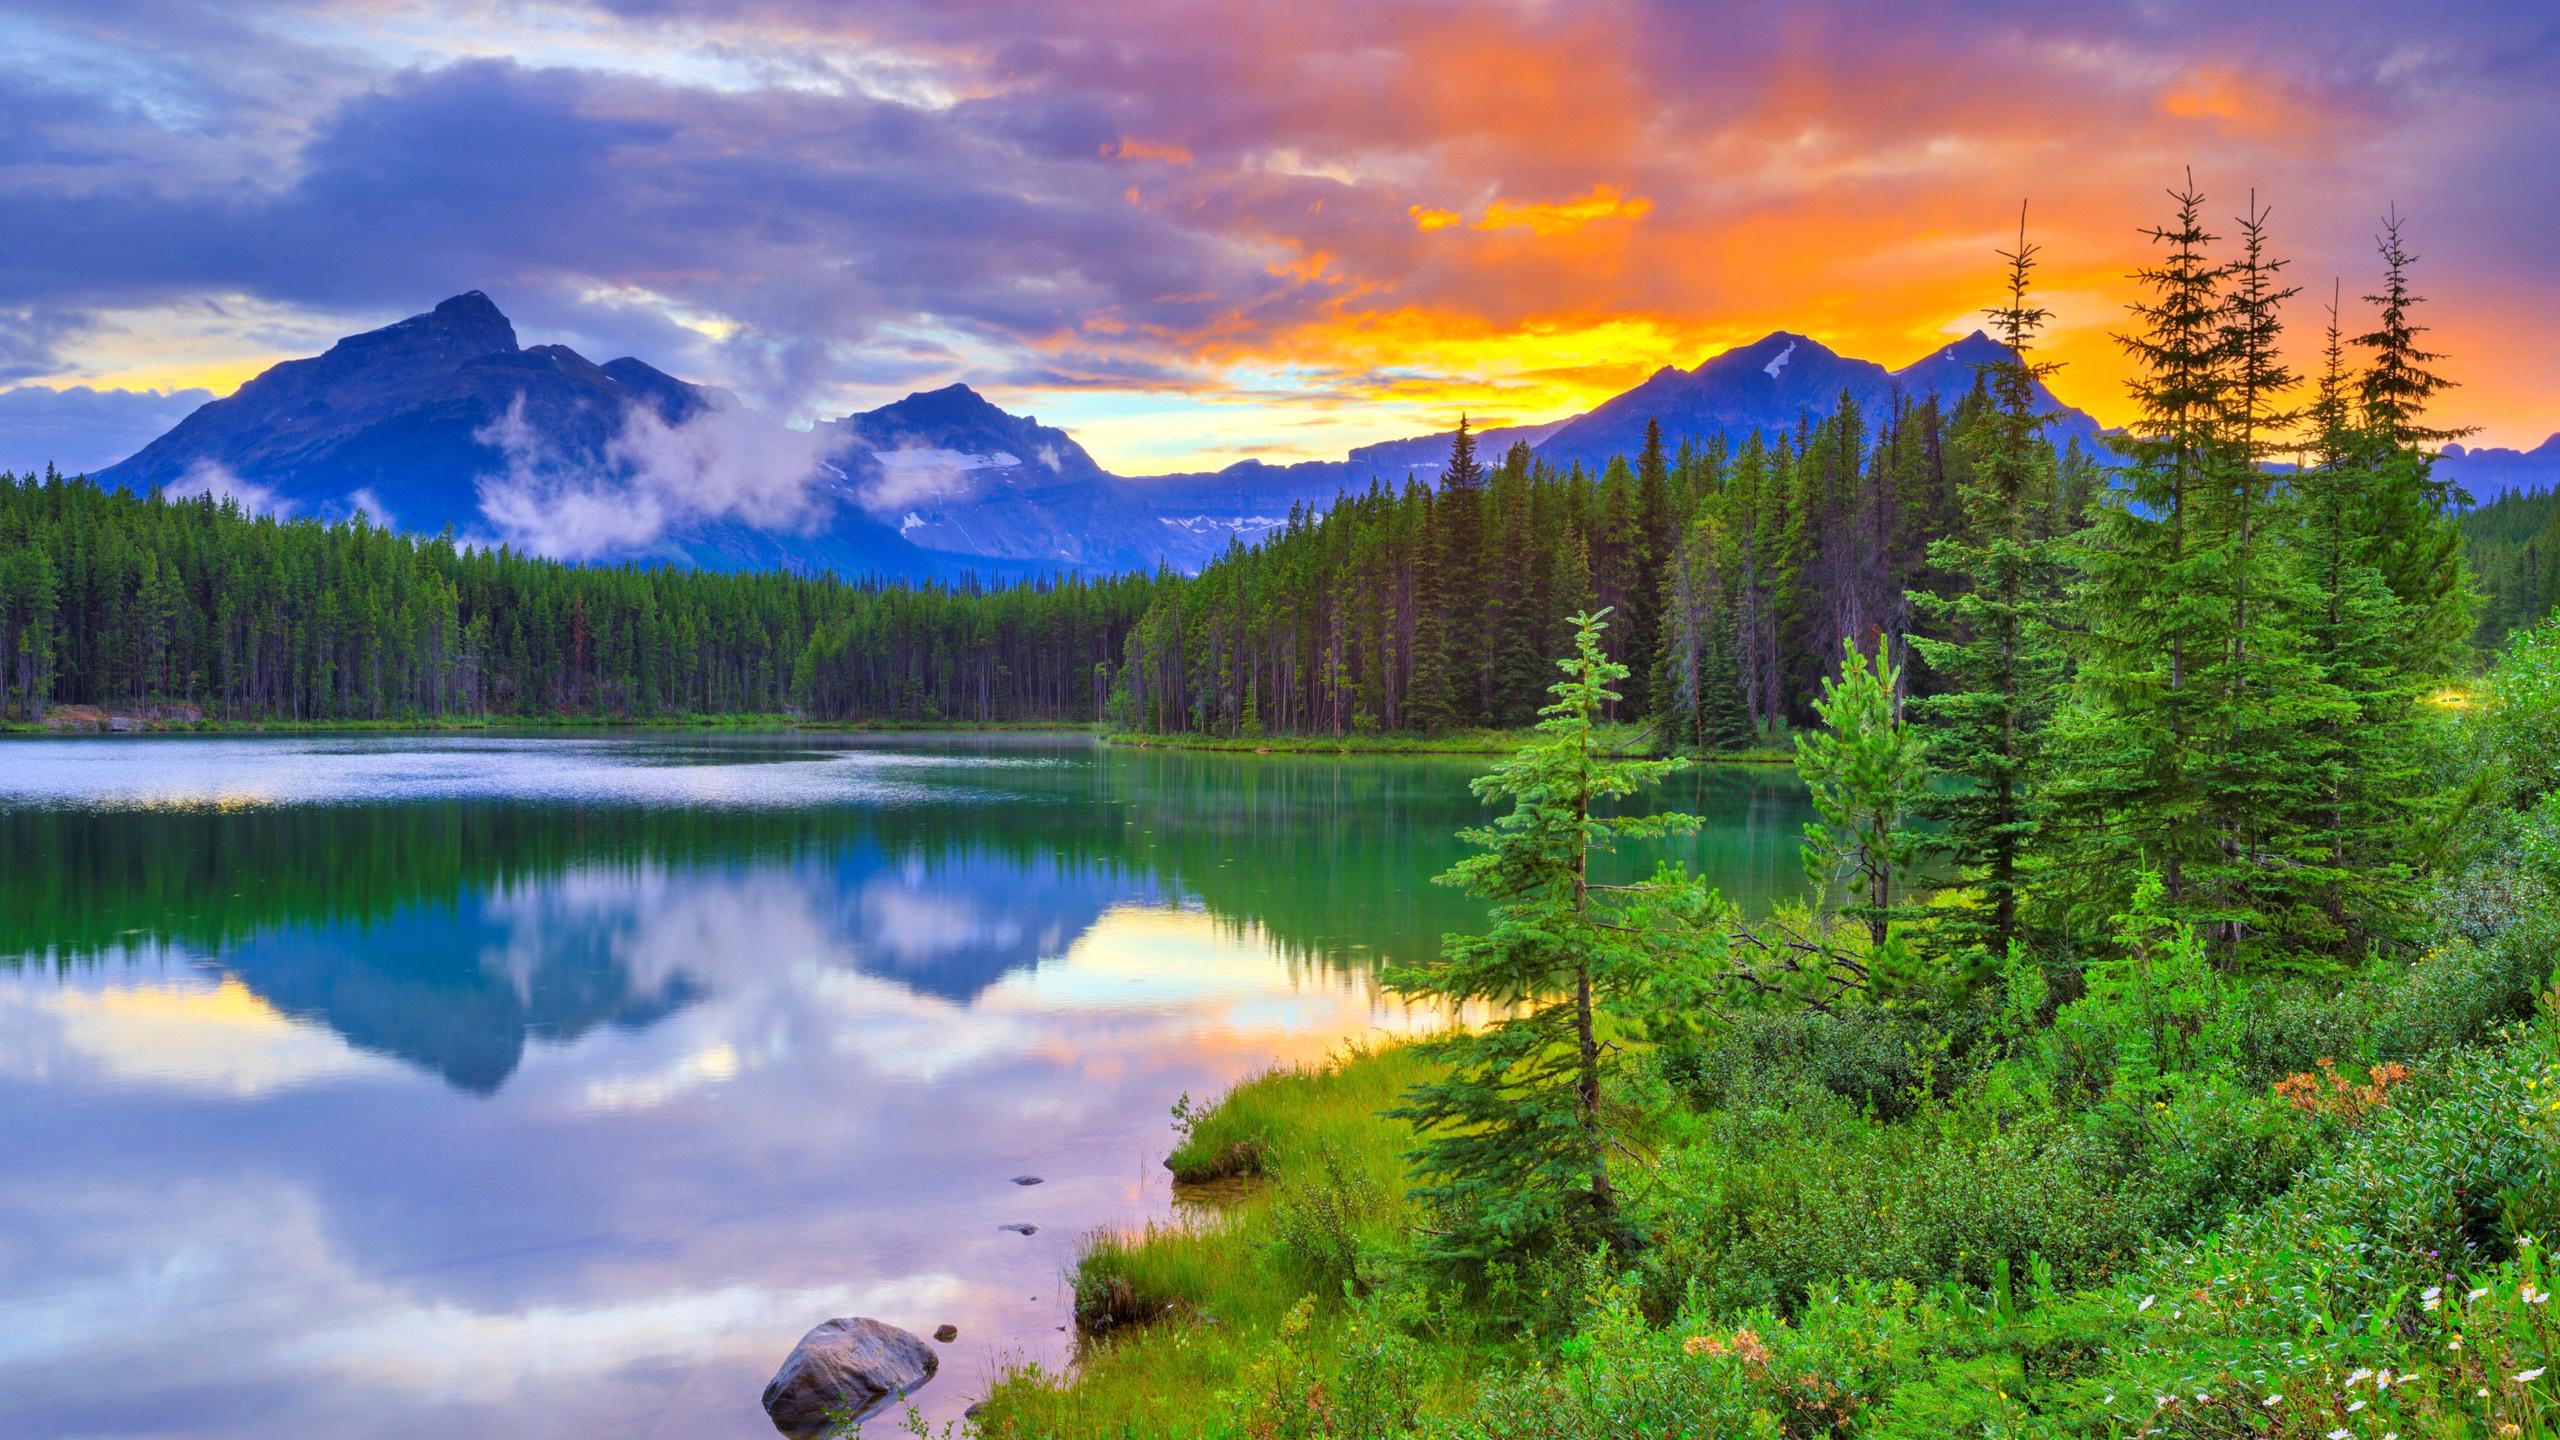 1440x900 sunset lake desktop - photo #40